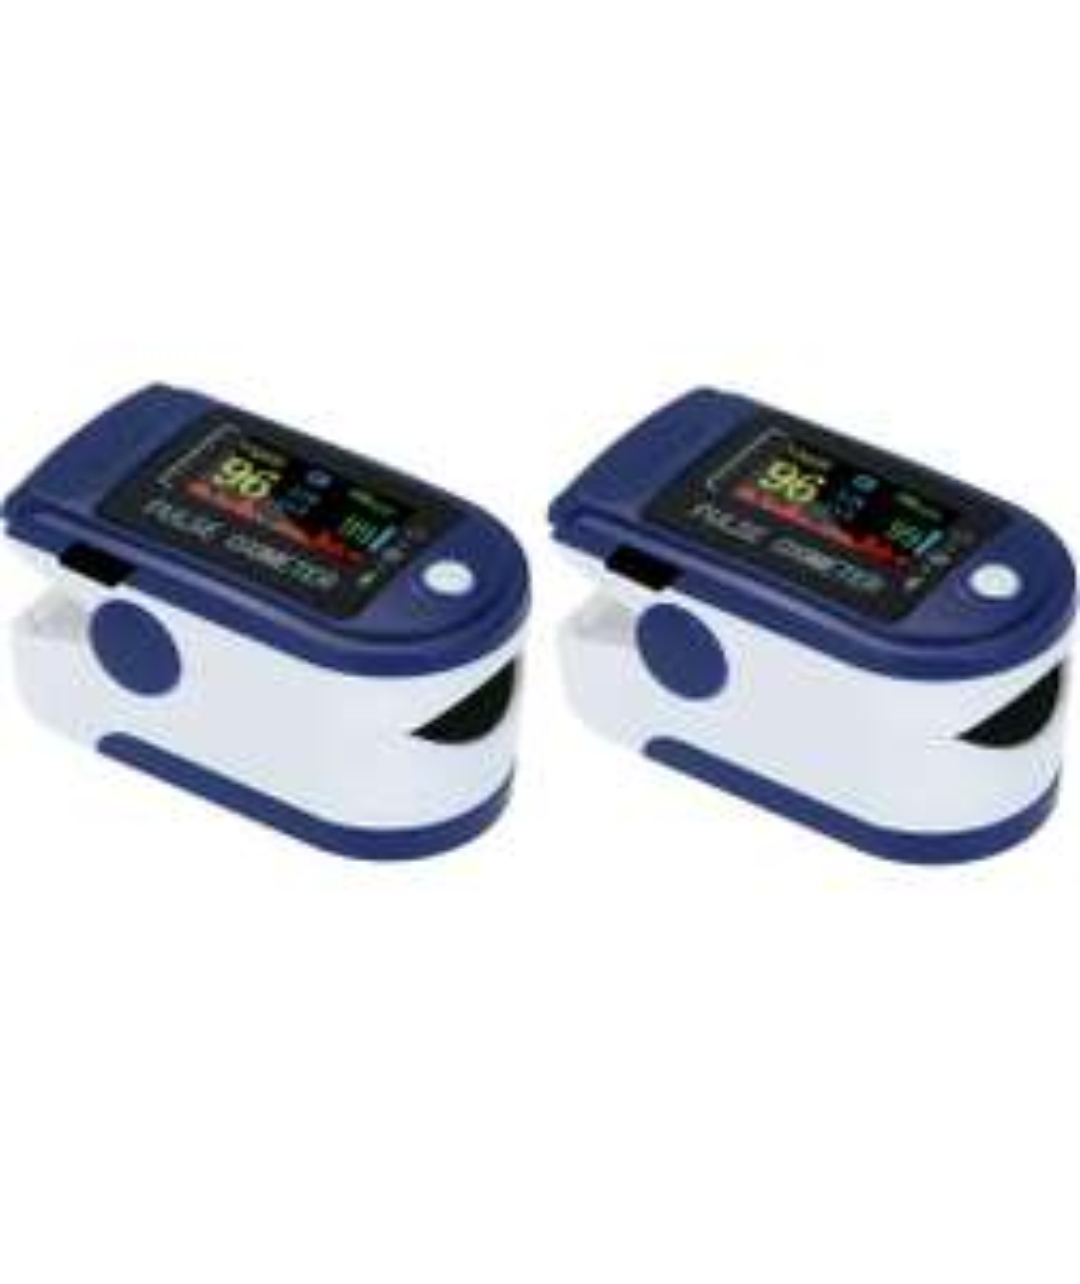 Moobody Pulsossimetro, 2 Pezzi Pulsossimetro Digitale da Dito Display OLED Sensore di Ossigeno nel Sangue Saturazione